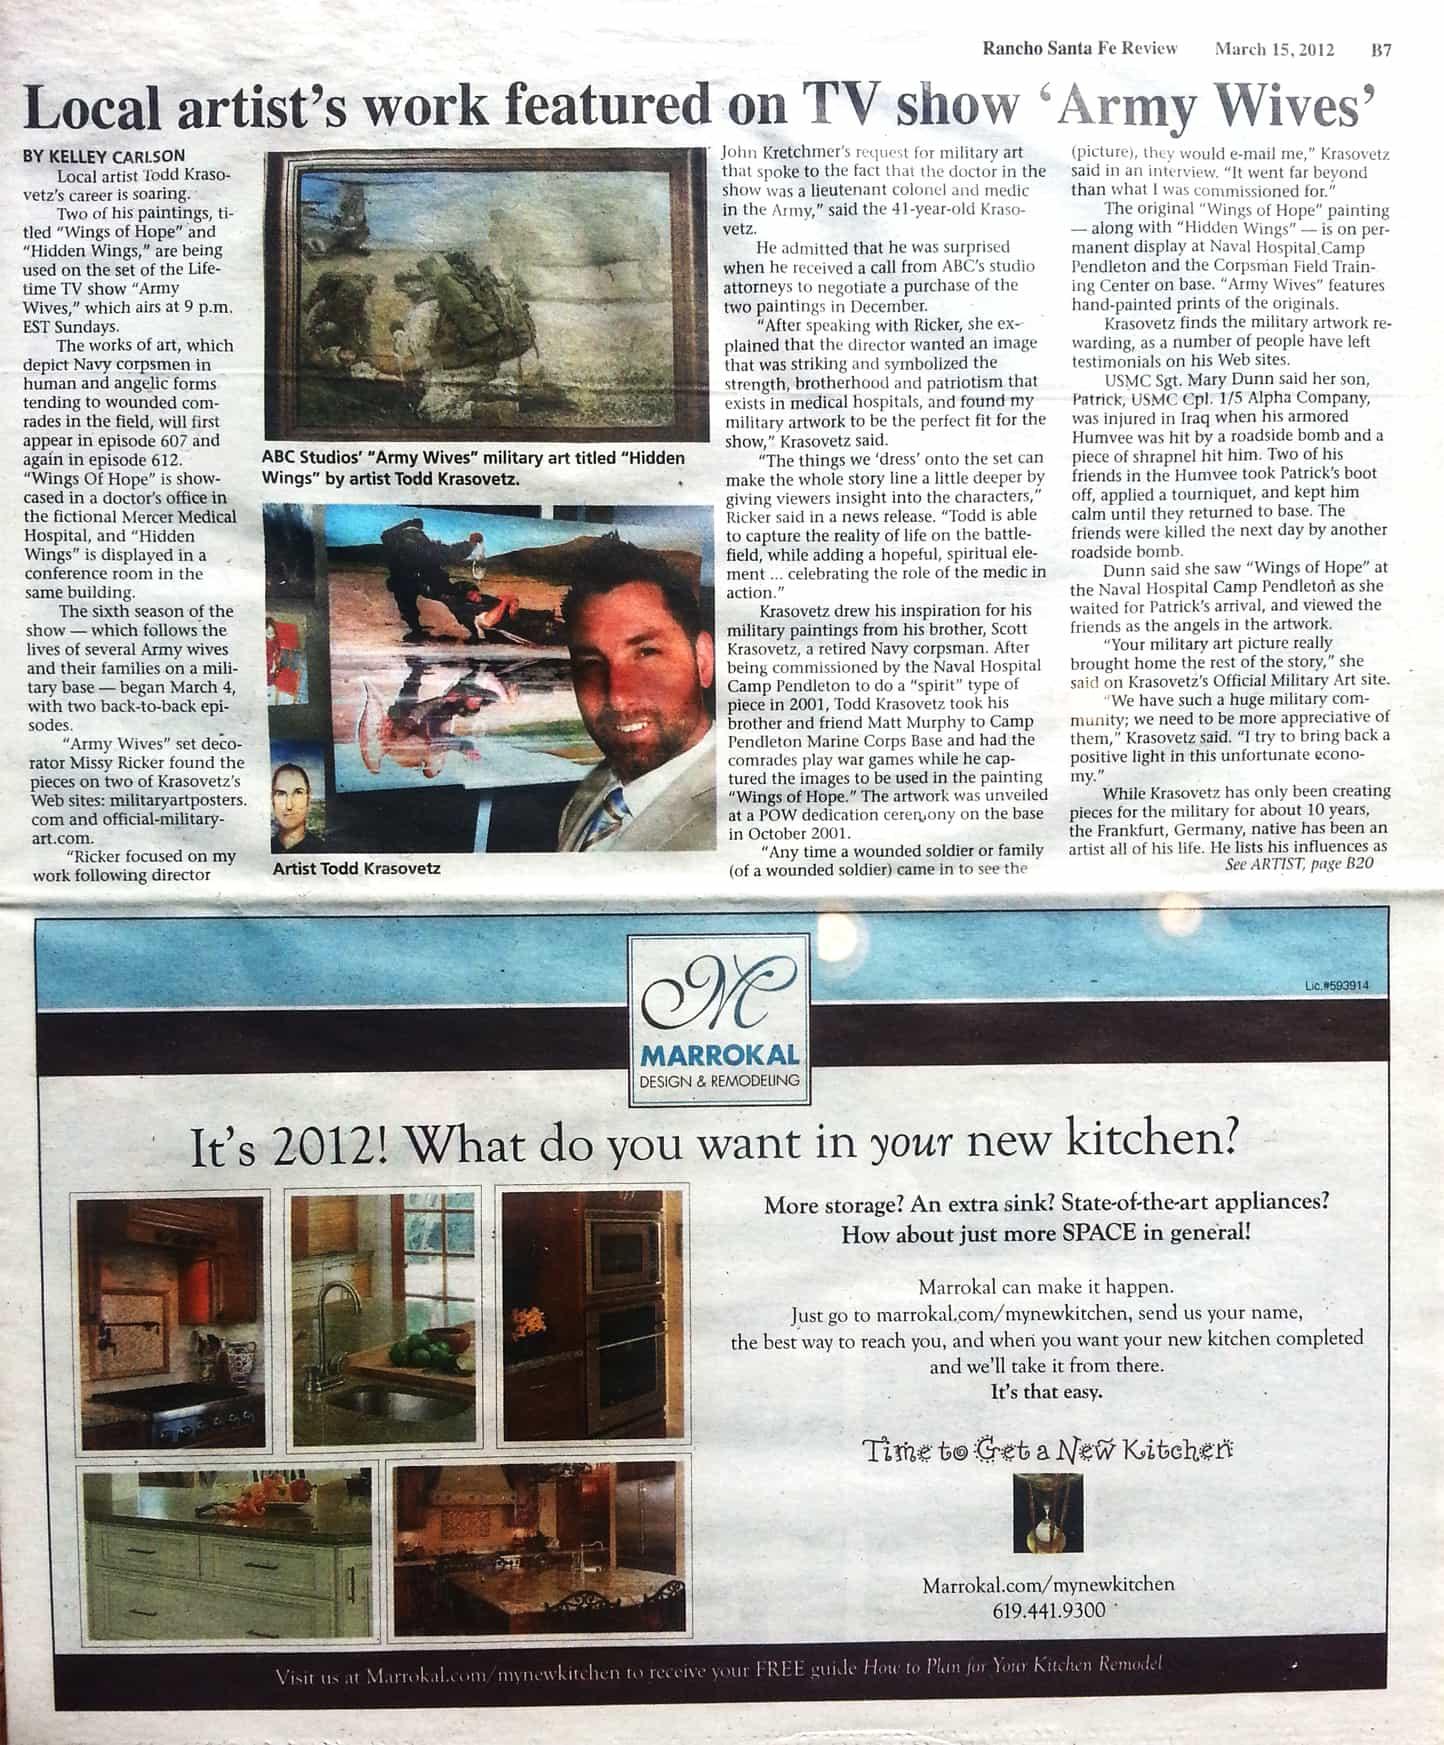 Fine Artist Todd Krasovetz 2012 Rancho Santa Fe Artist News Article